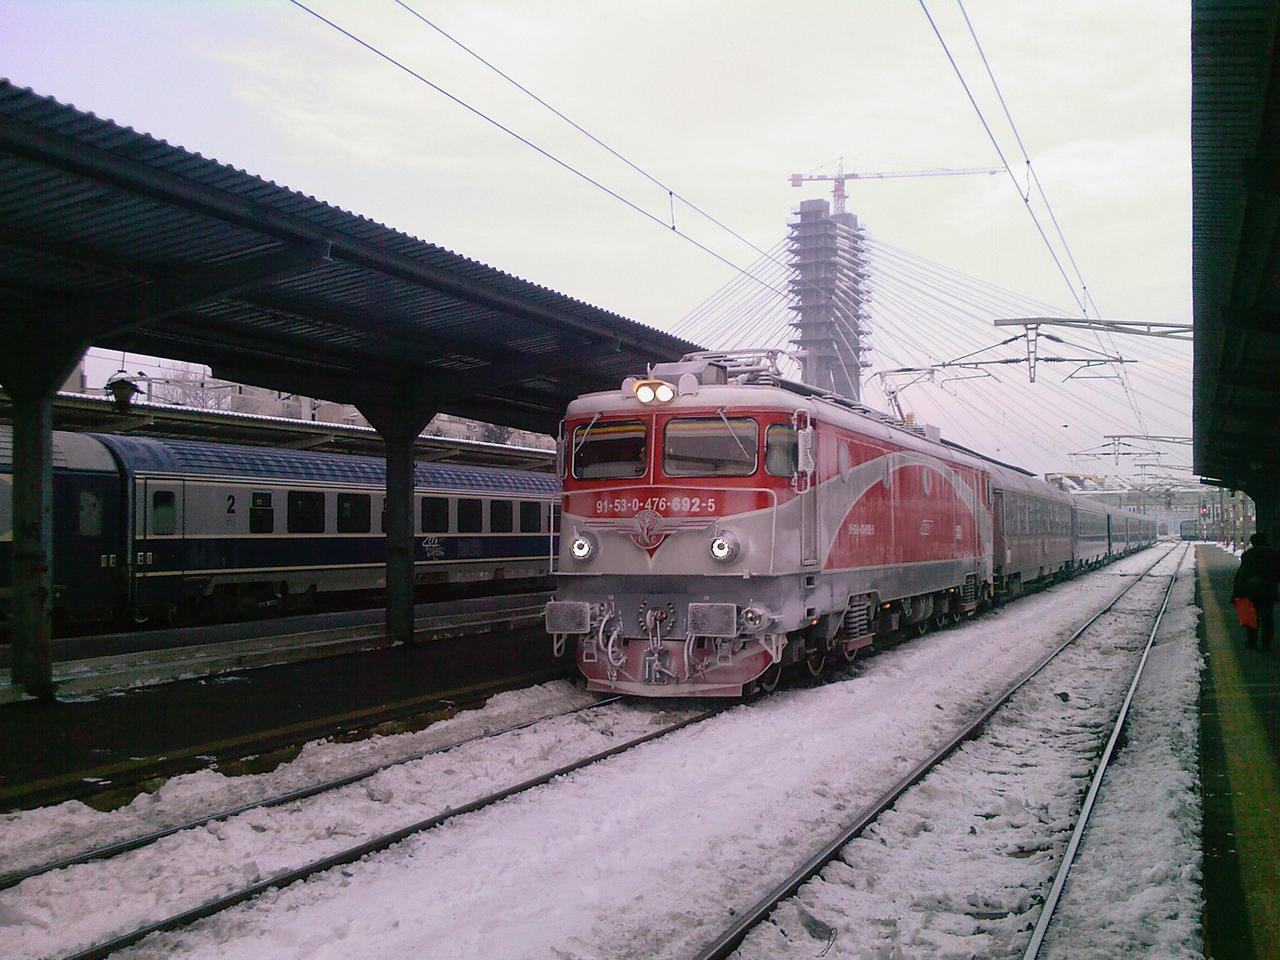 92-53-0-476-692-5 winter 2 by MaTtRuLLz